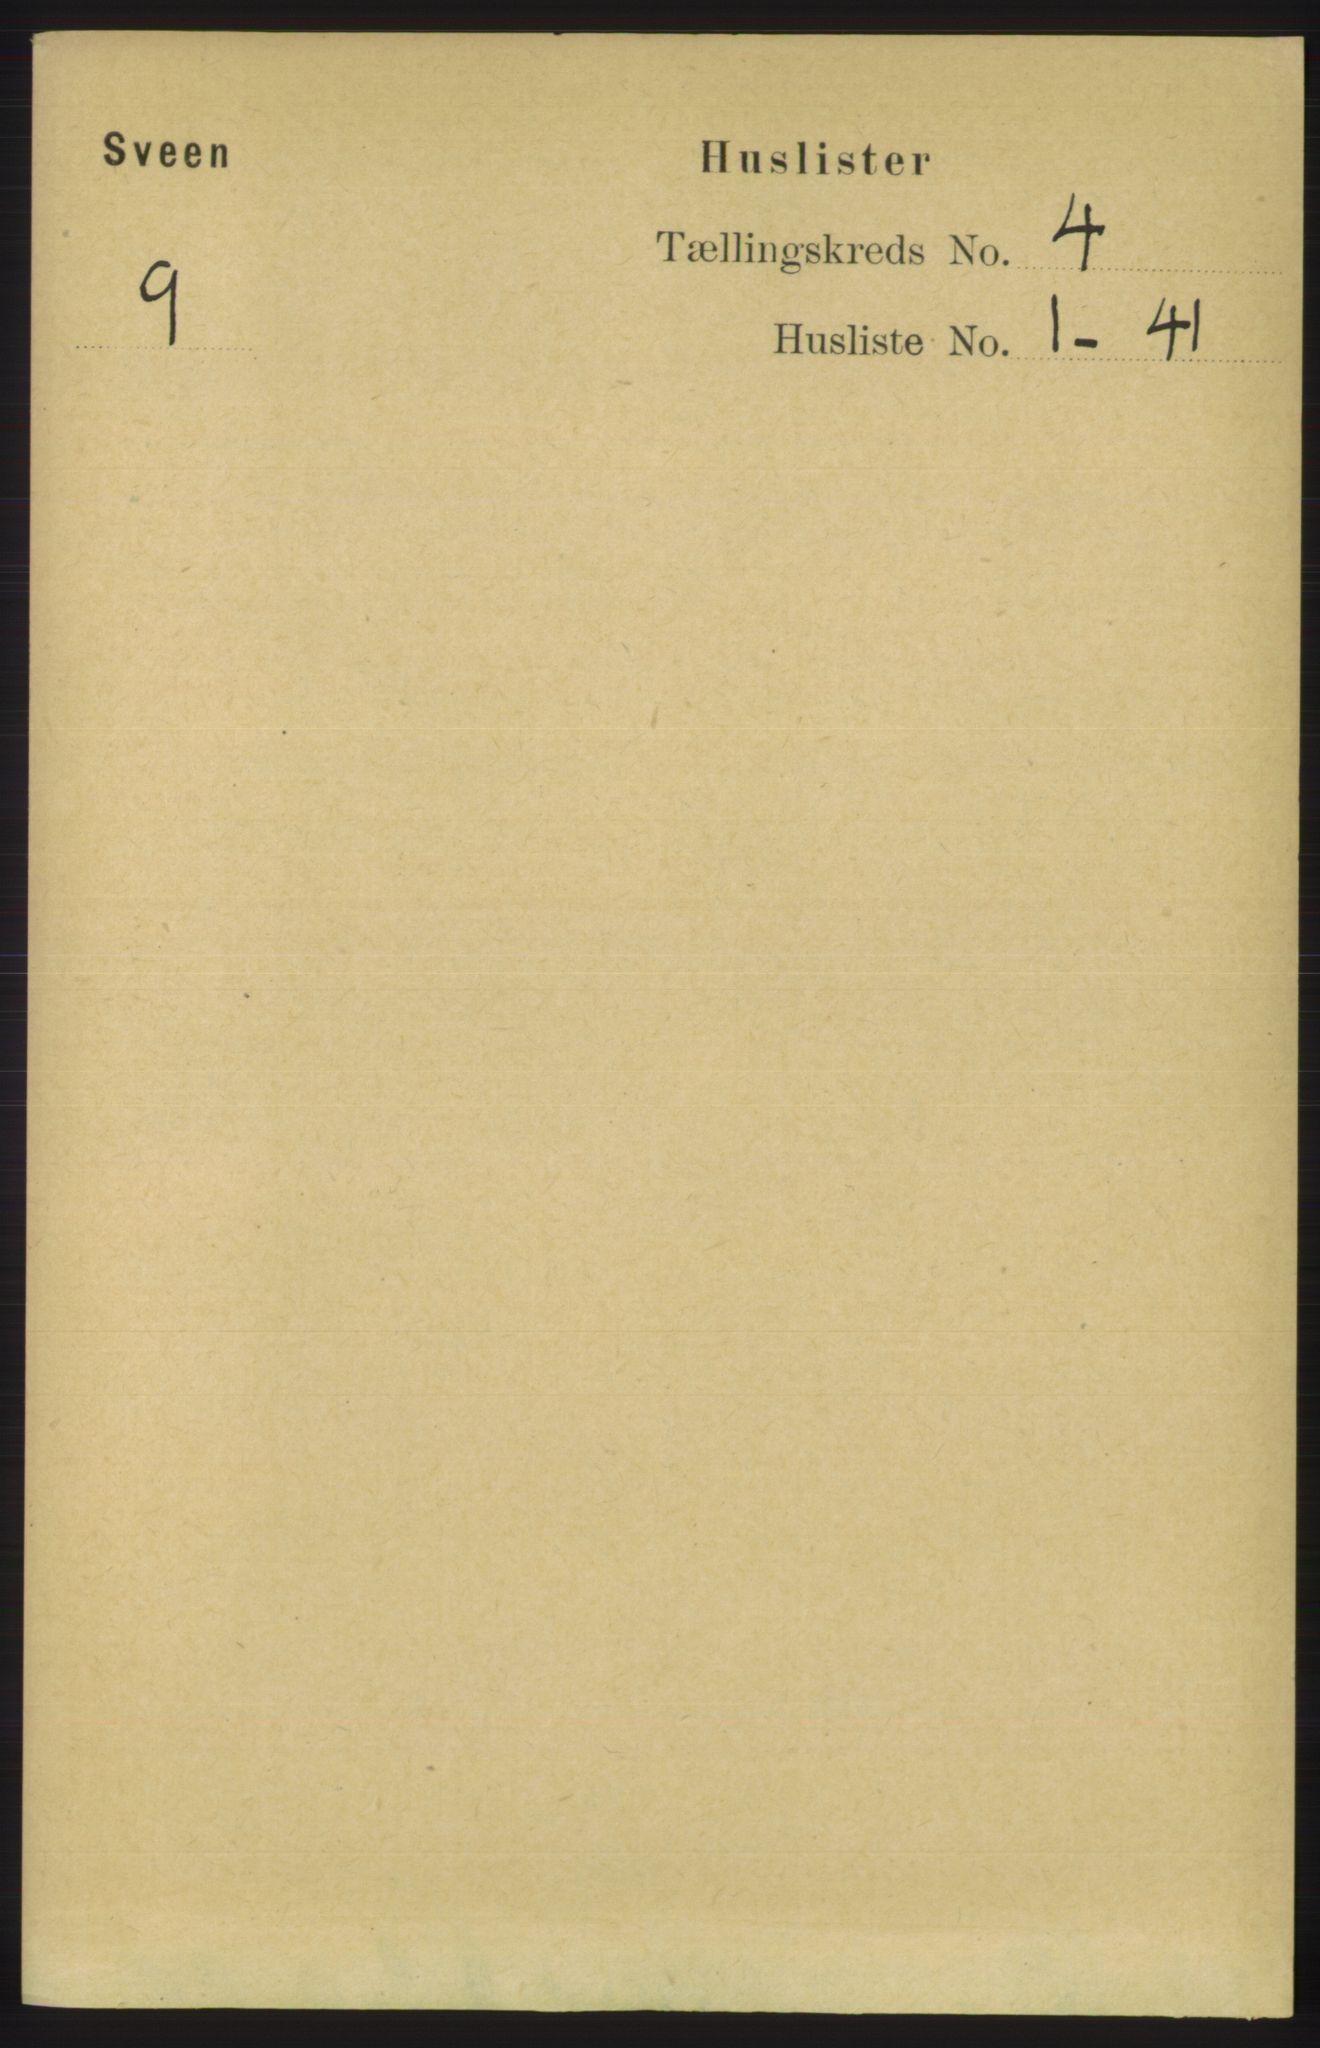 RA, Folketelling 1891 for 1216 Sveio herred, 1891, s. 1093